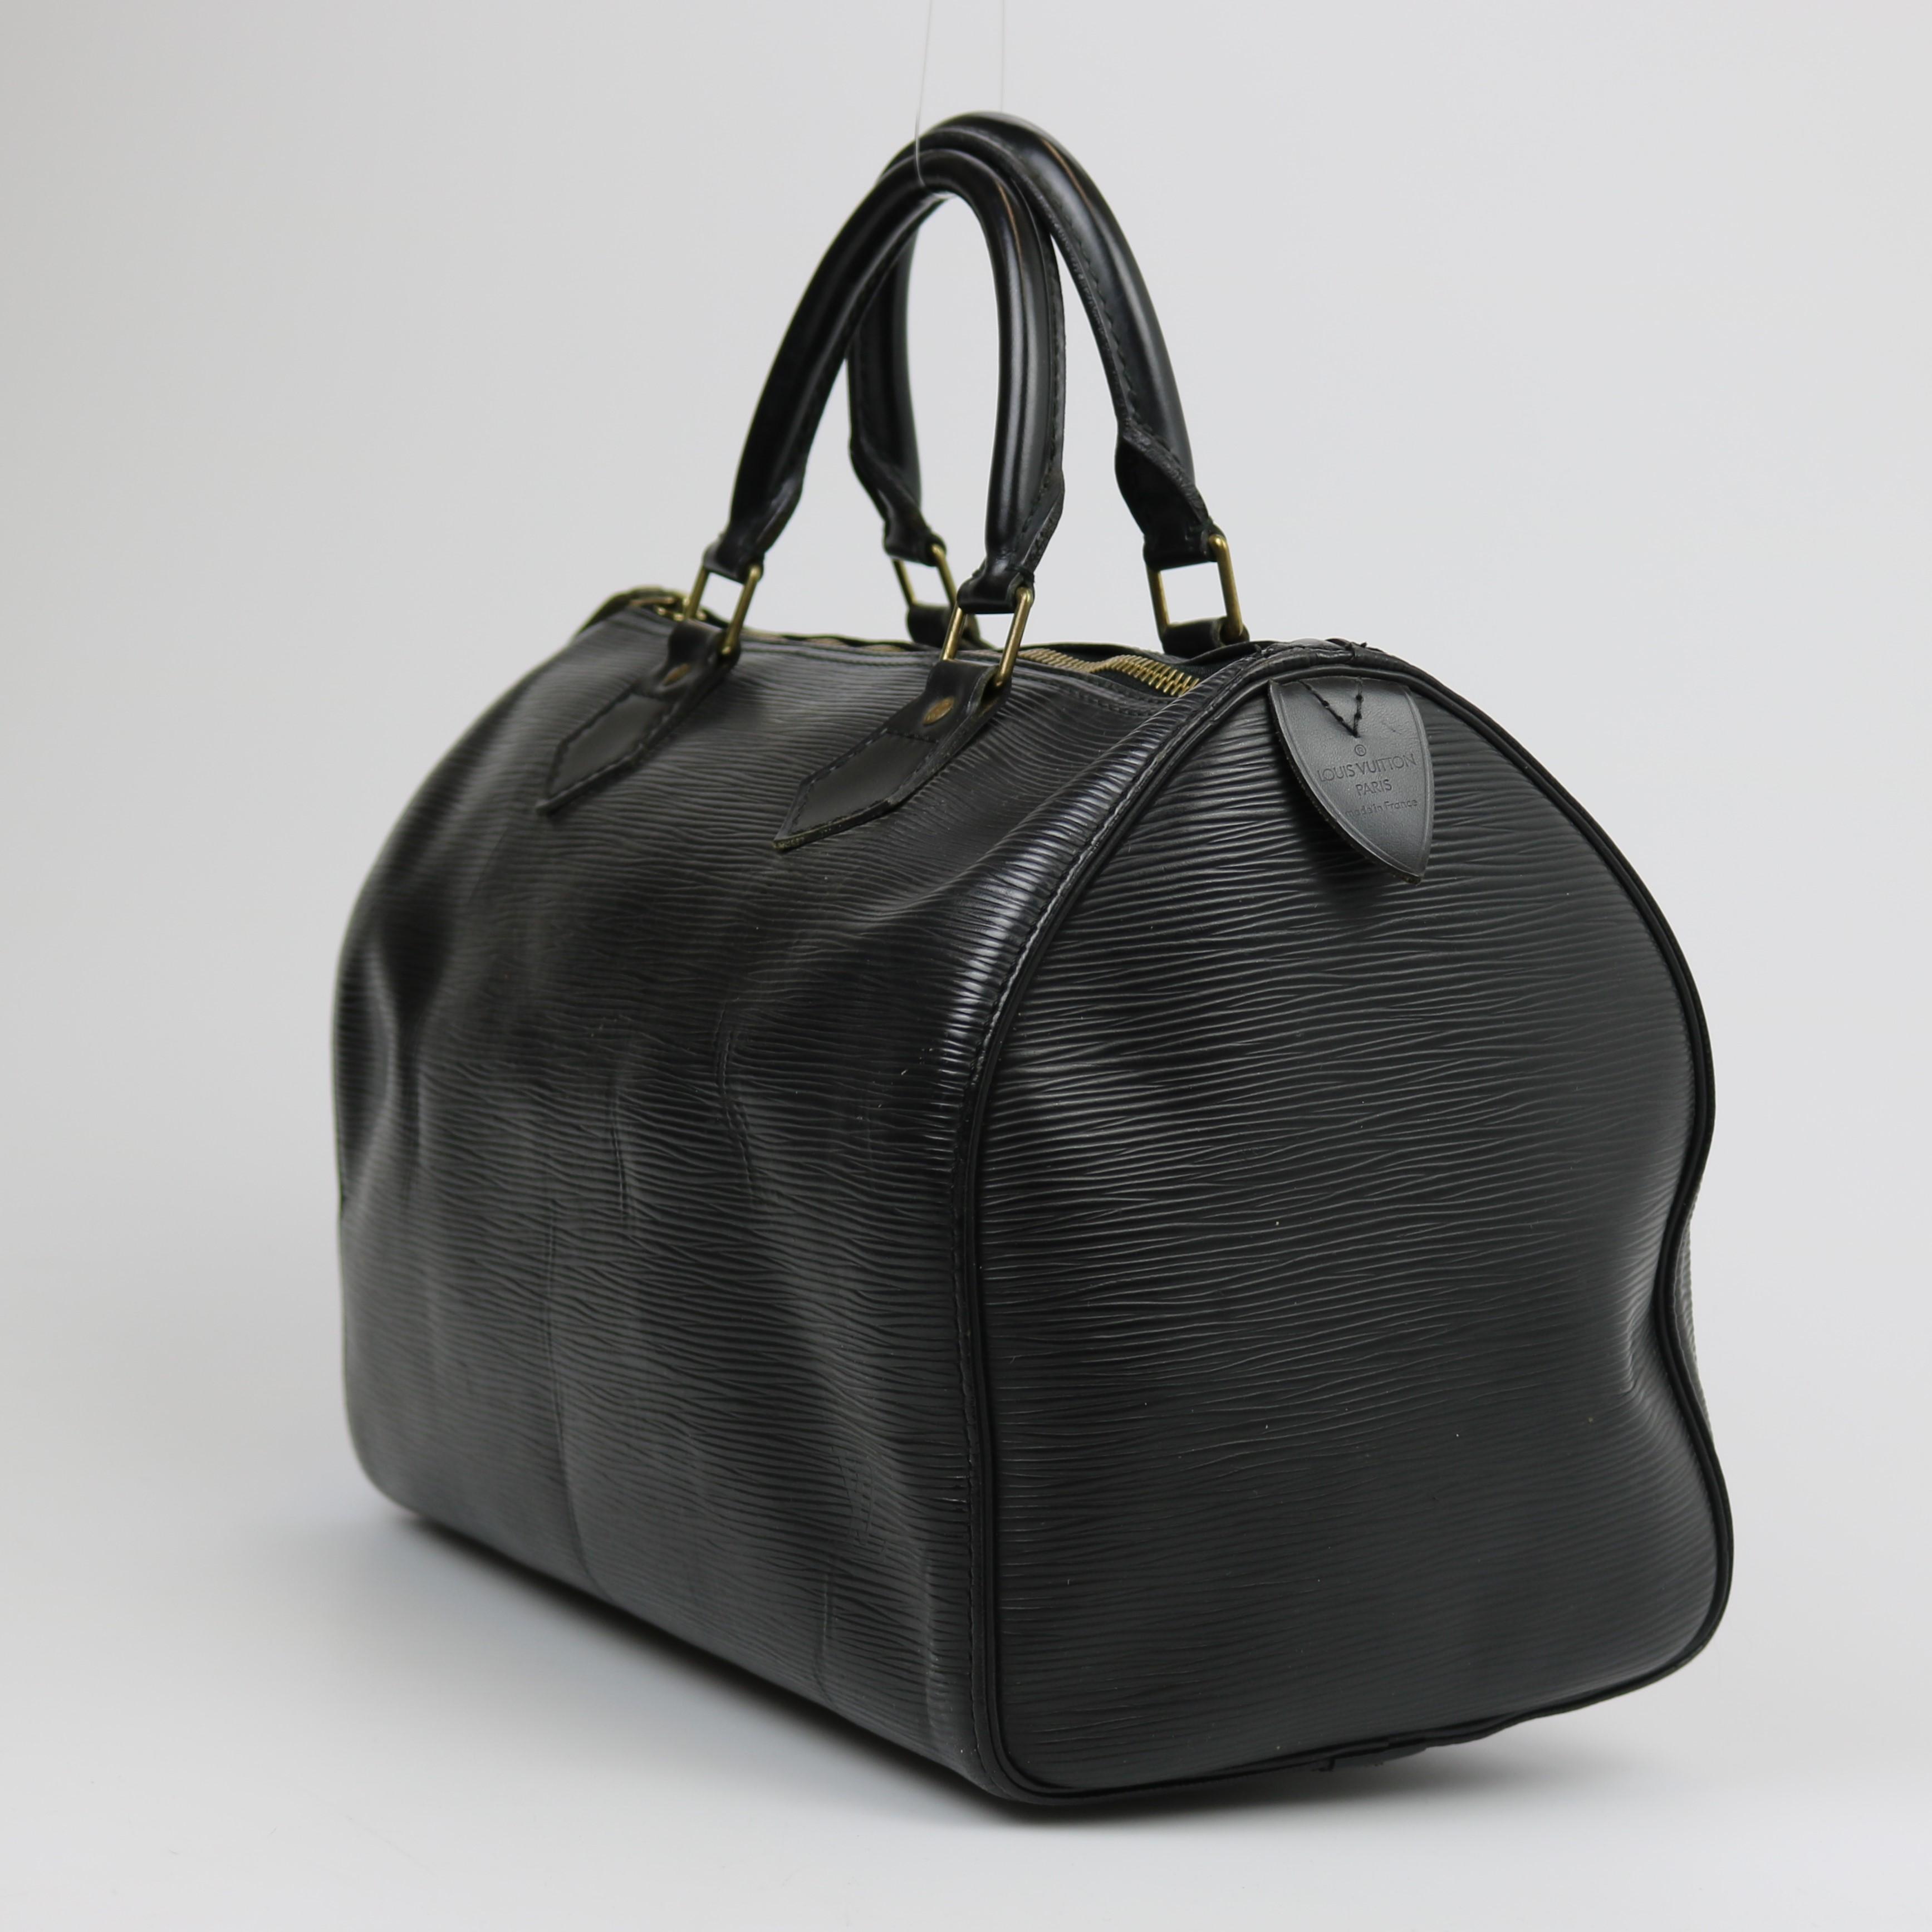 b0c15ed3ae9d Louis Vuitton Epi Leather Speedy 30